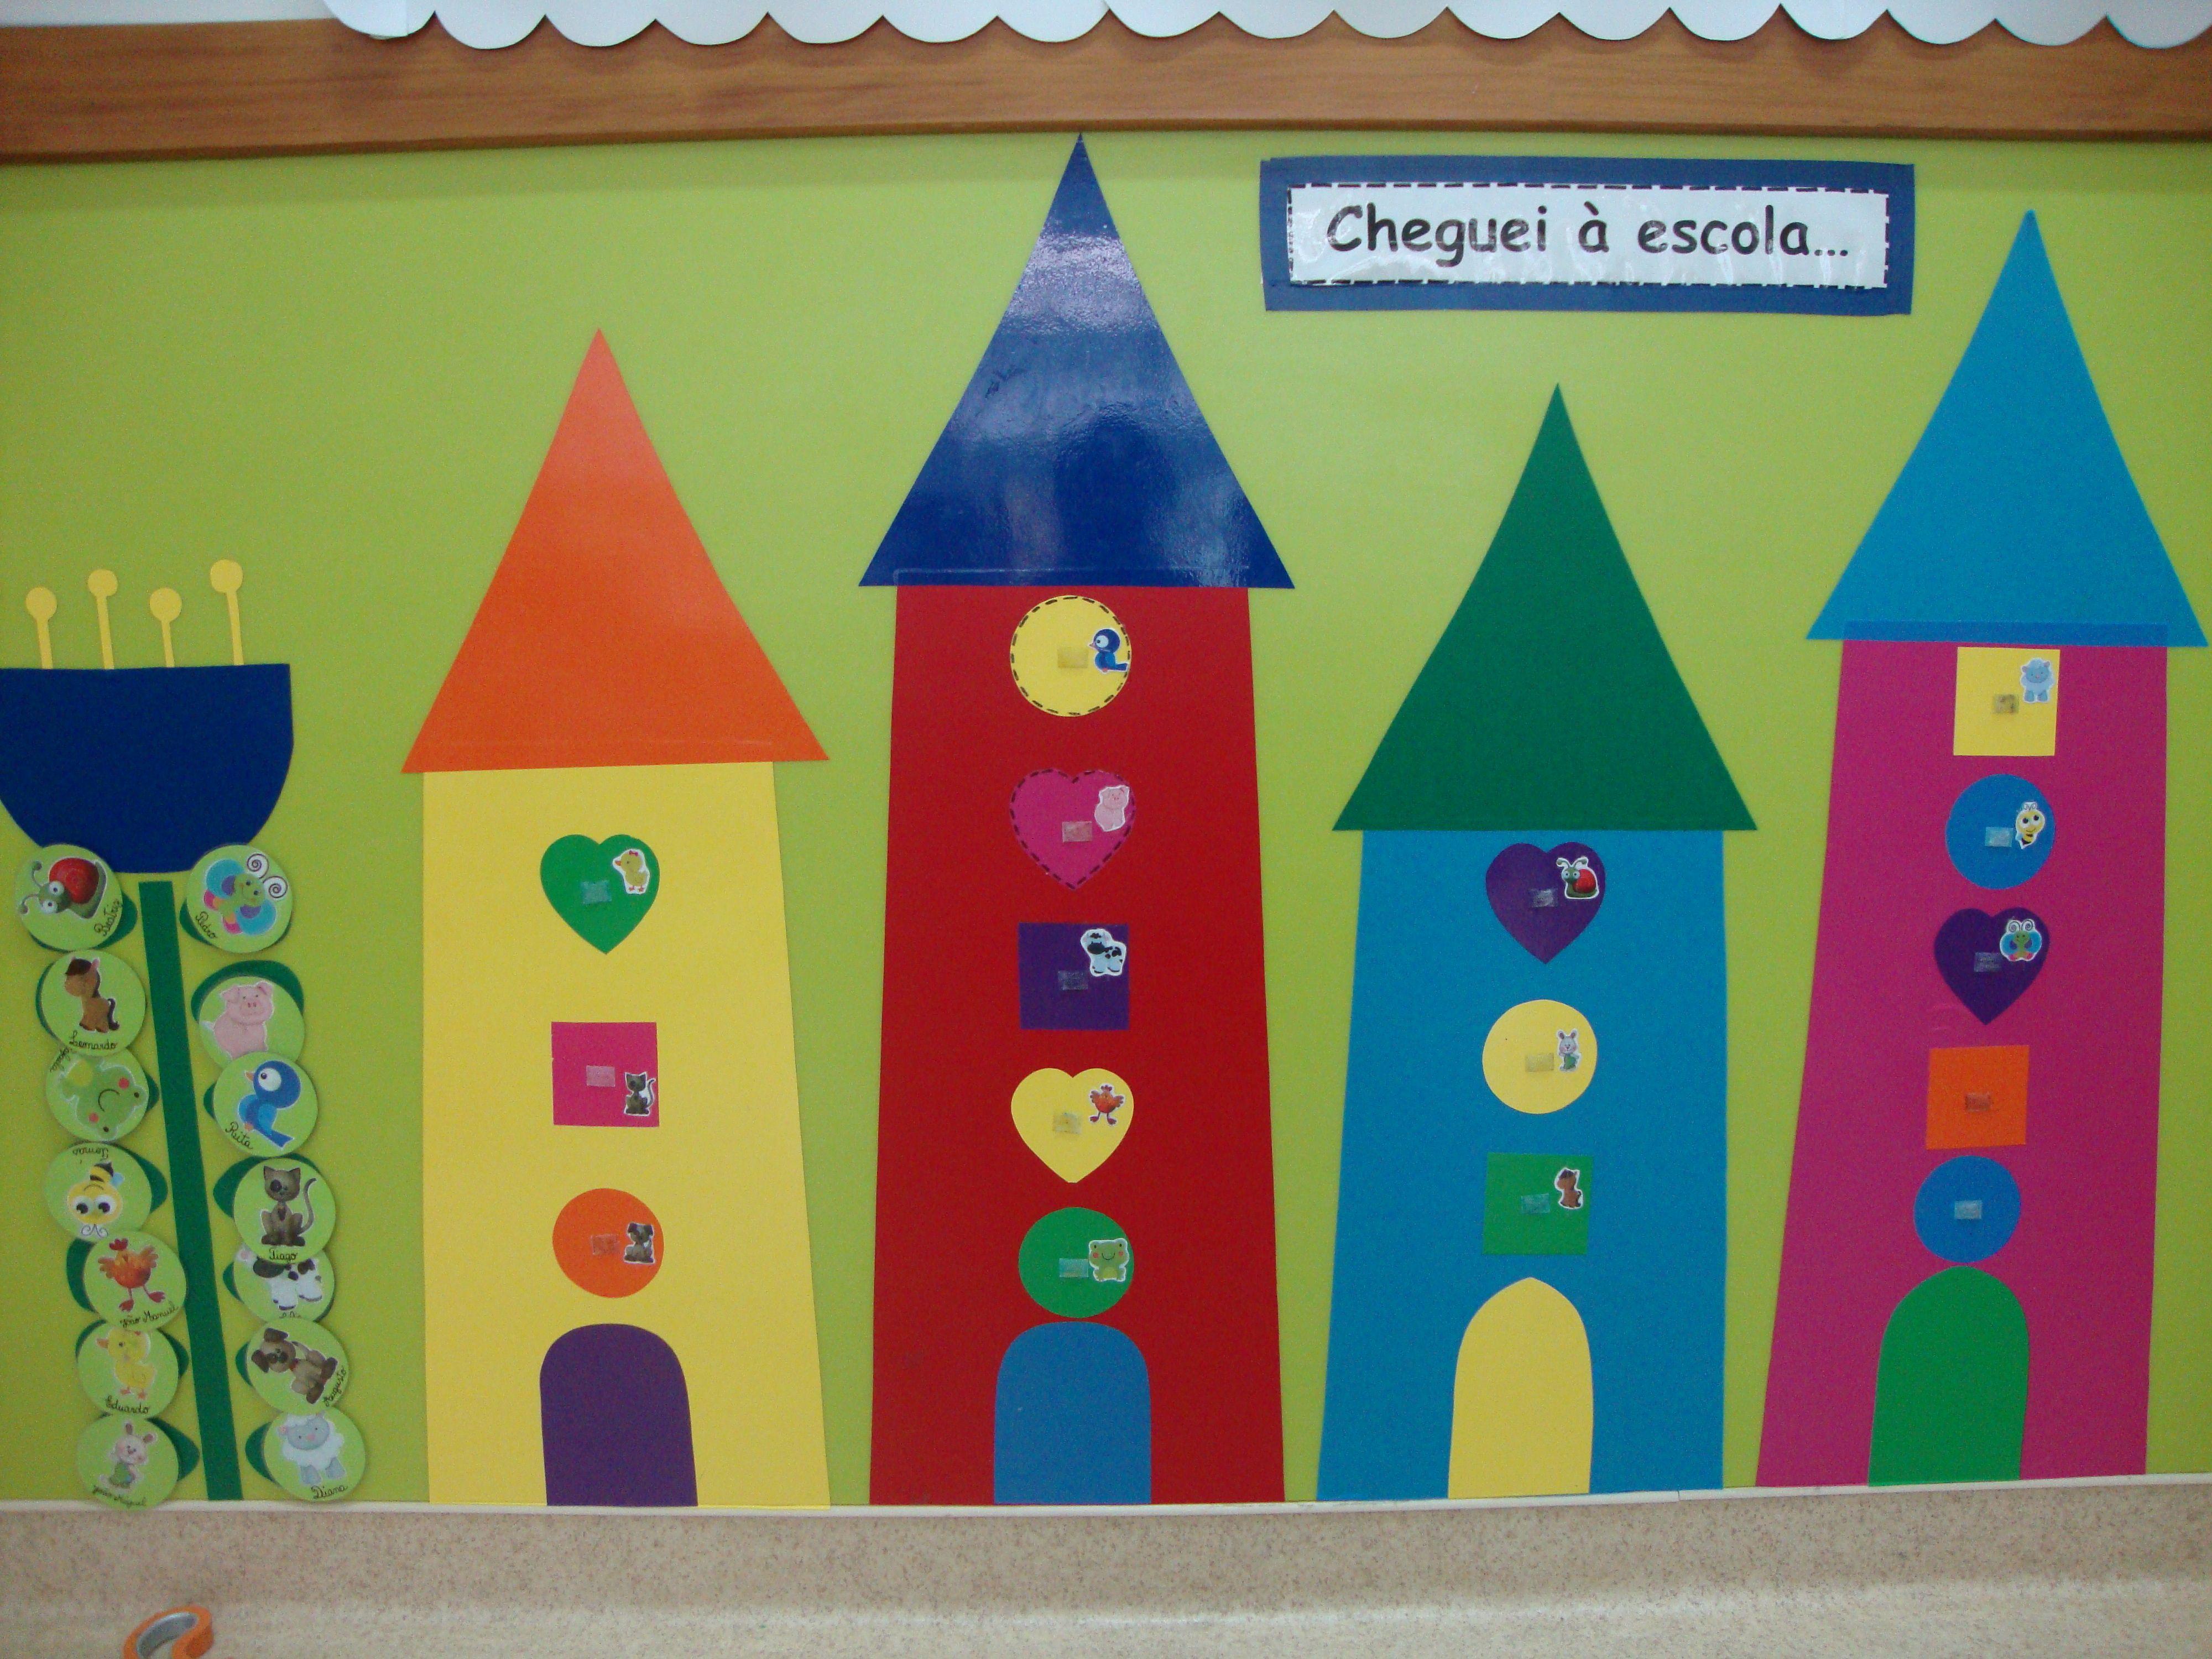 Quadro das Presenças, cada crianças tinha um símbolo (animal)que marcava quando chegava à escola(sala 2 anos).